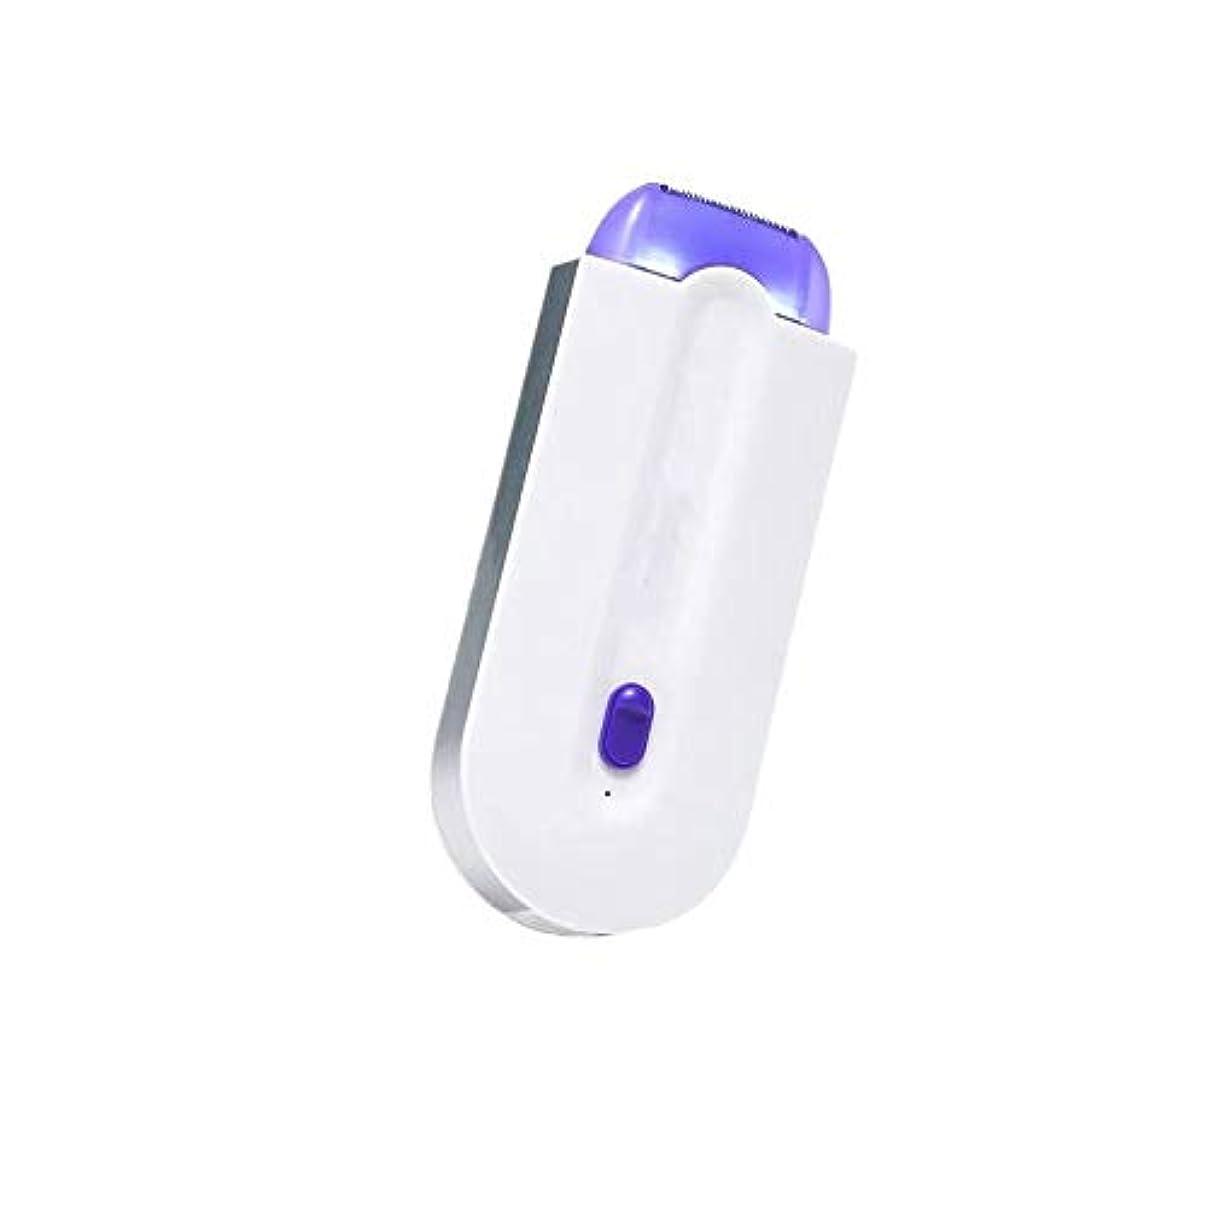 移行する垂直カードレーザー脱毛装置は、電気痛みのない、美容院リップ脱毛装置、脇の下ビキニ脚脱毛装置です